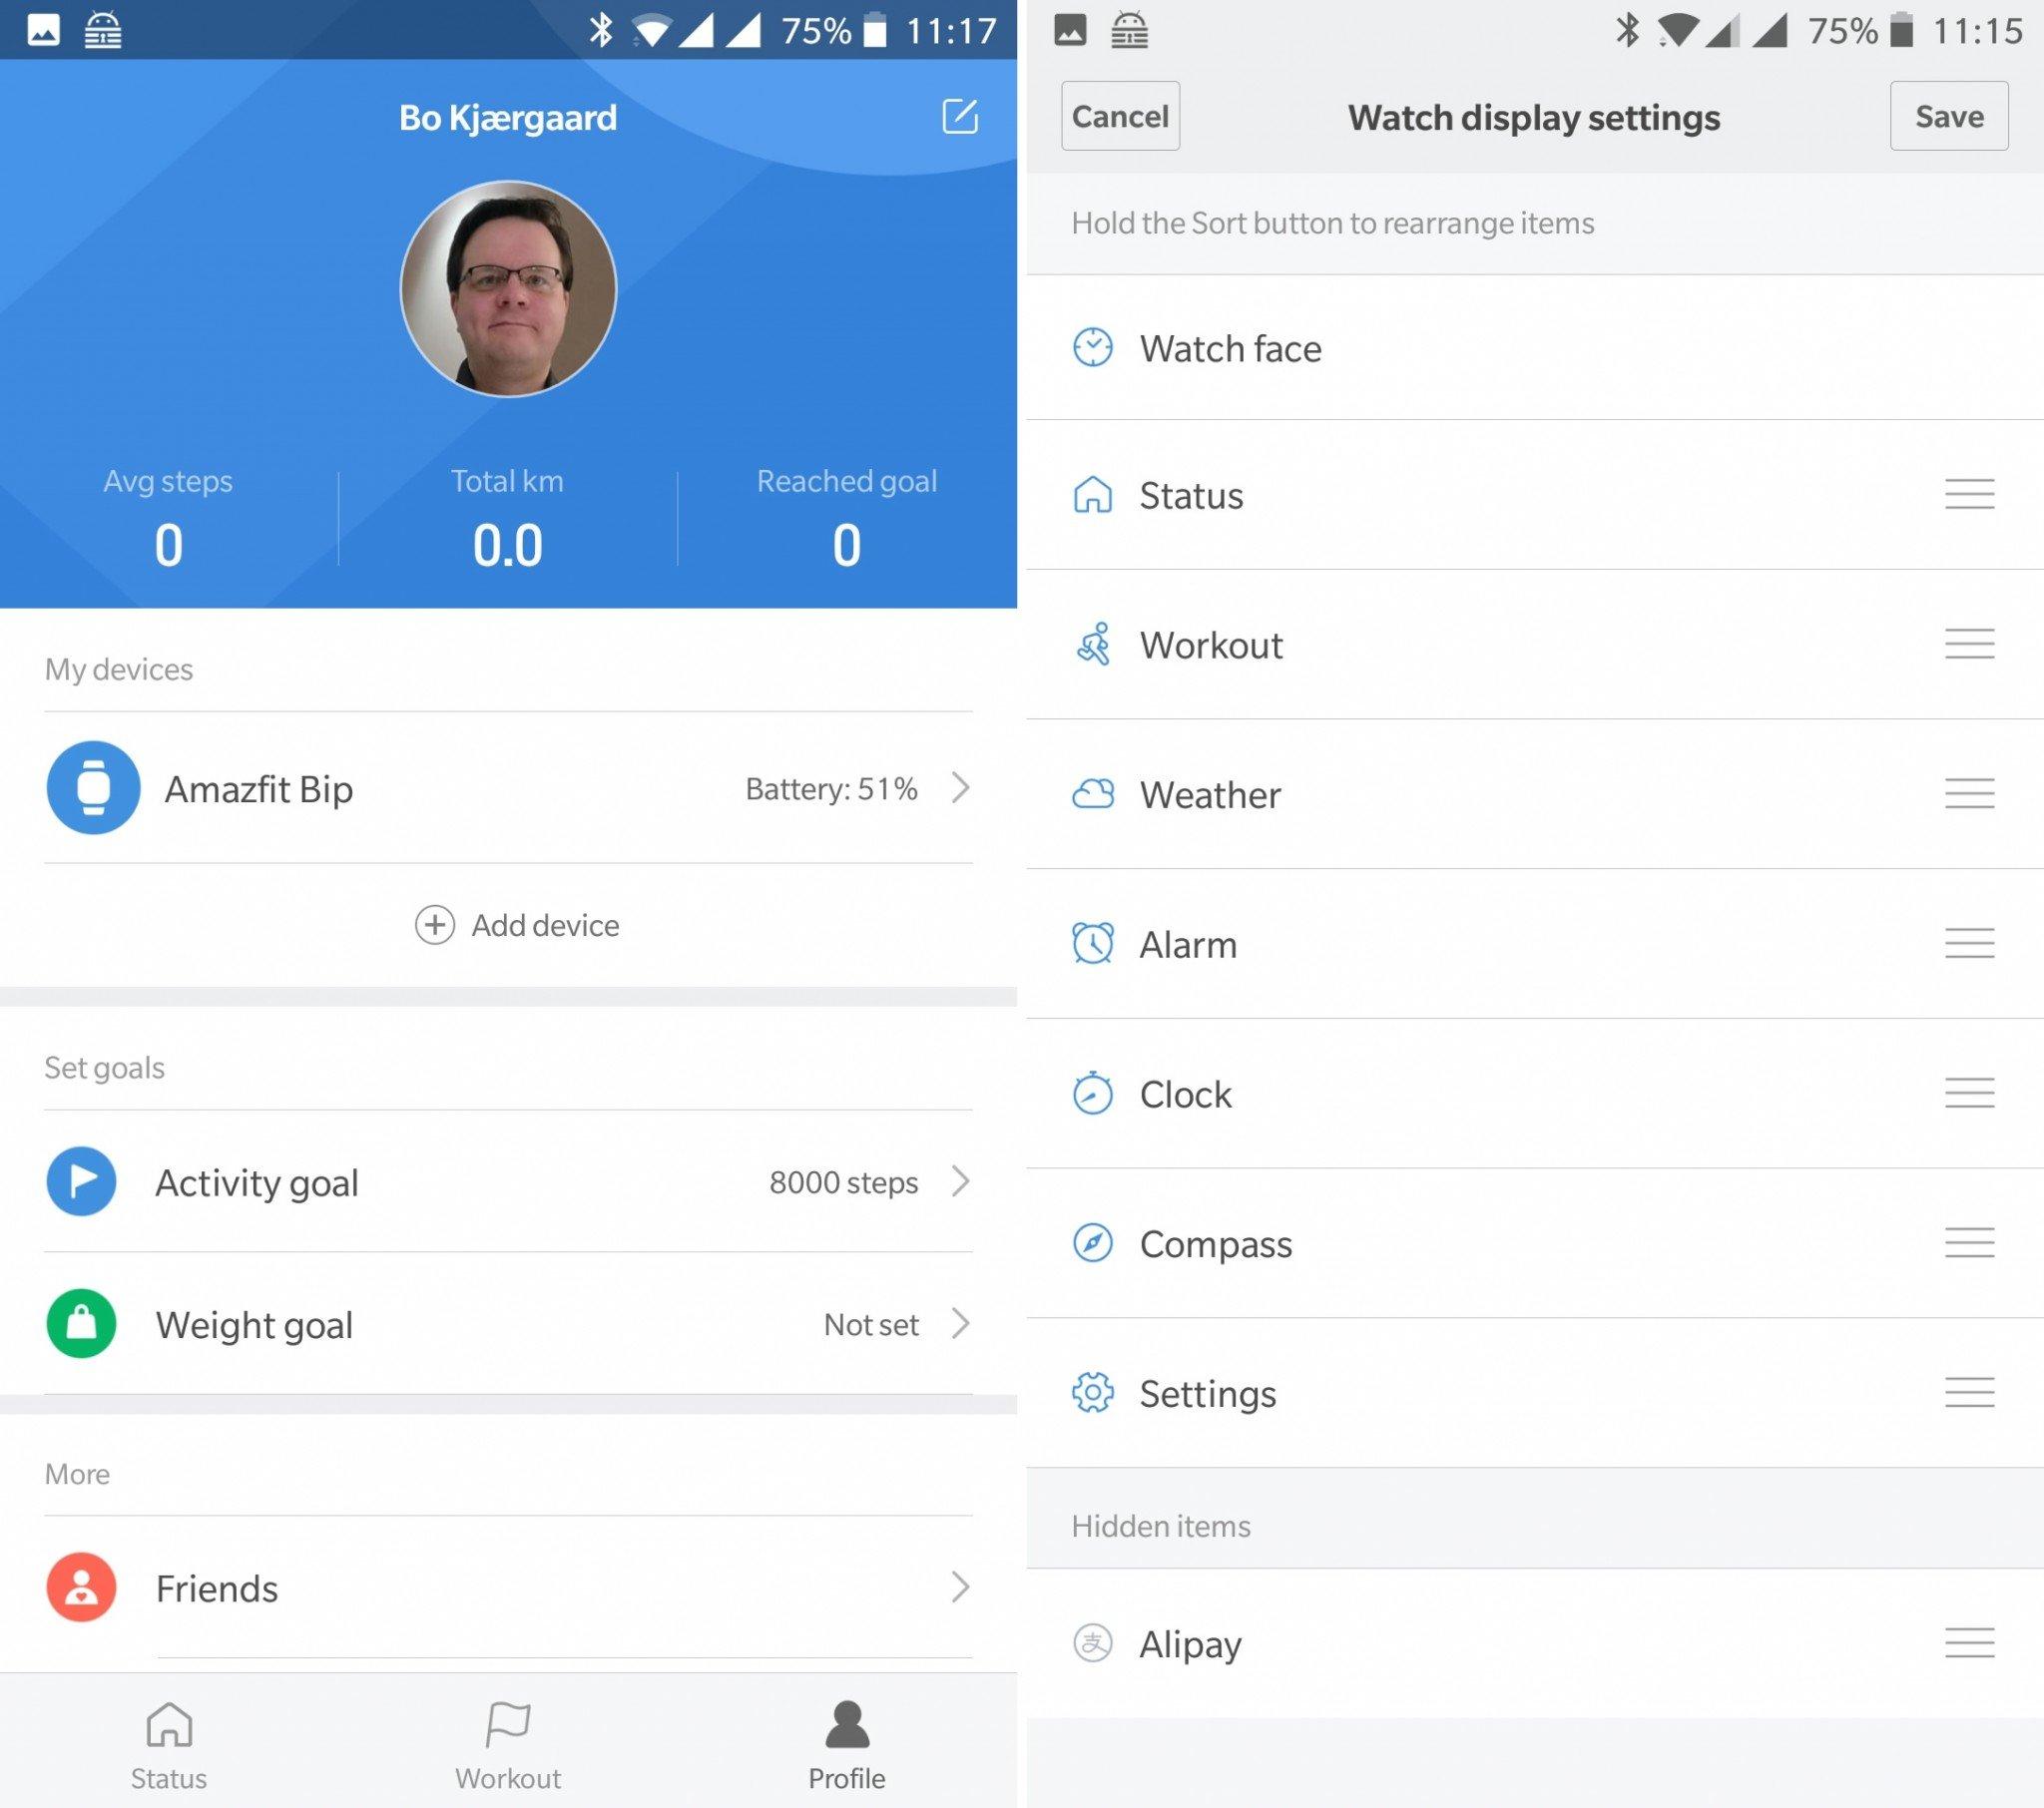 Amazfit Bip mii fit app